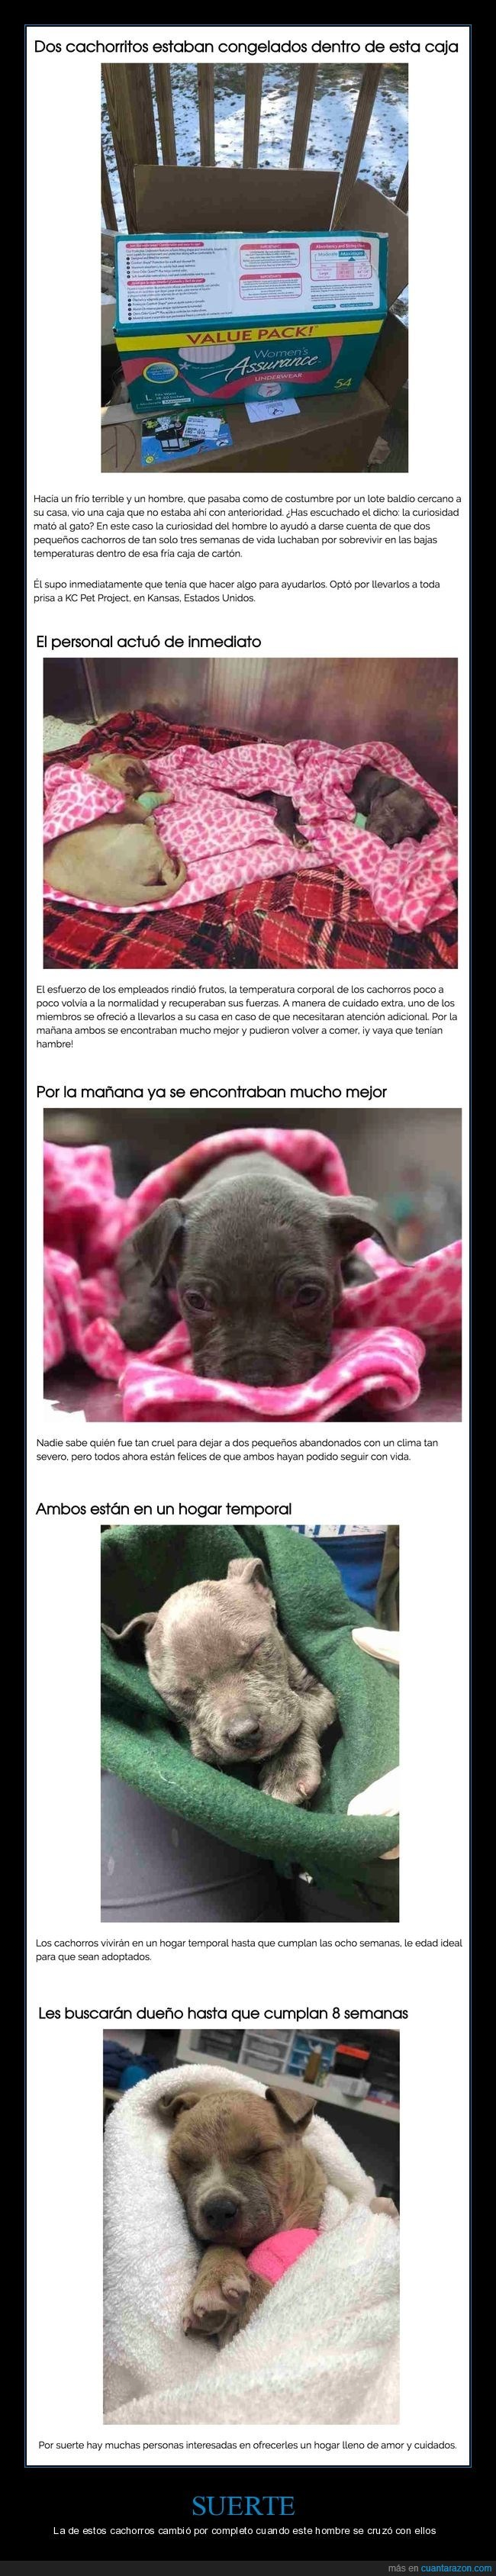 historia tragica de perros abandonados que acaba bien